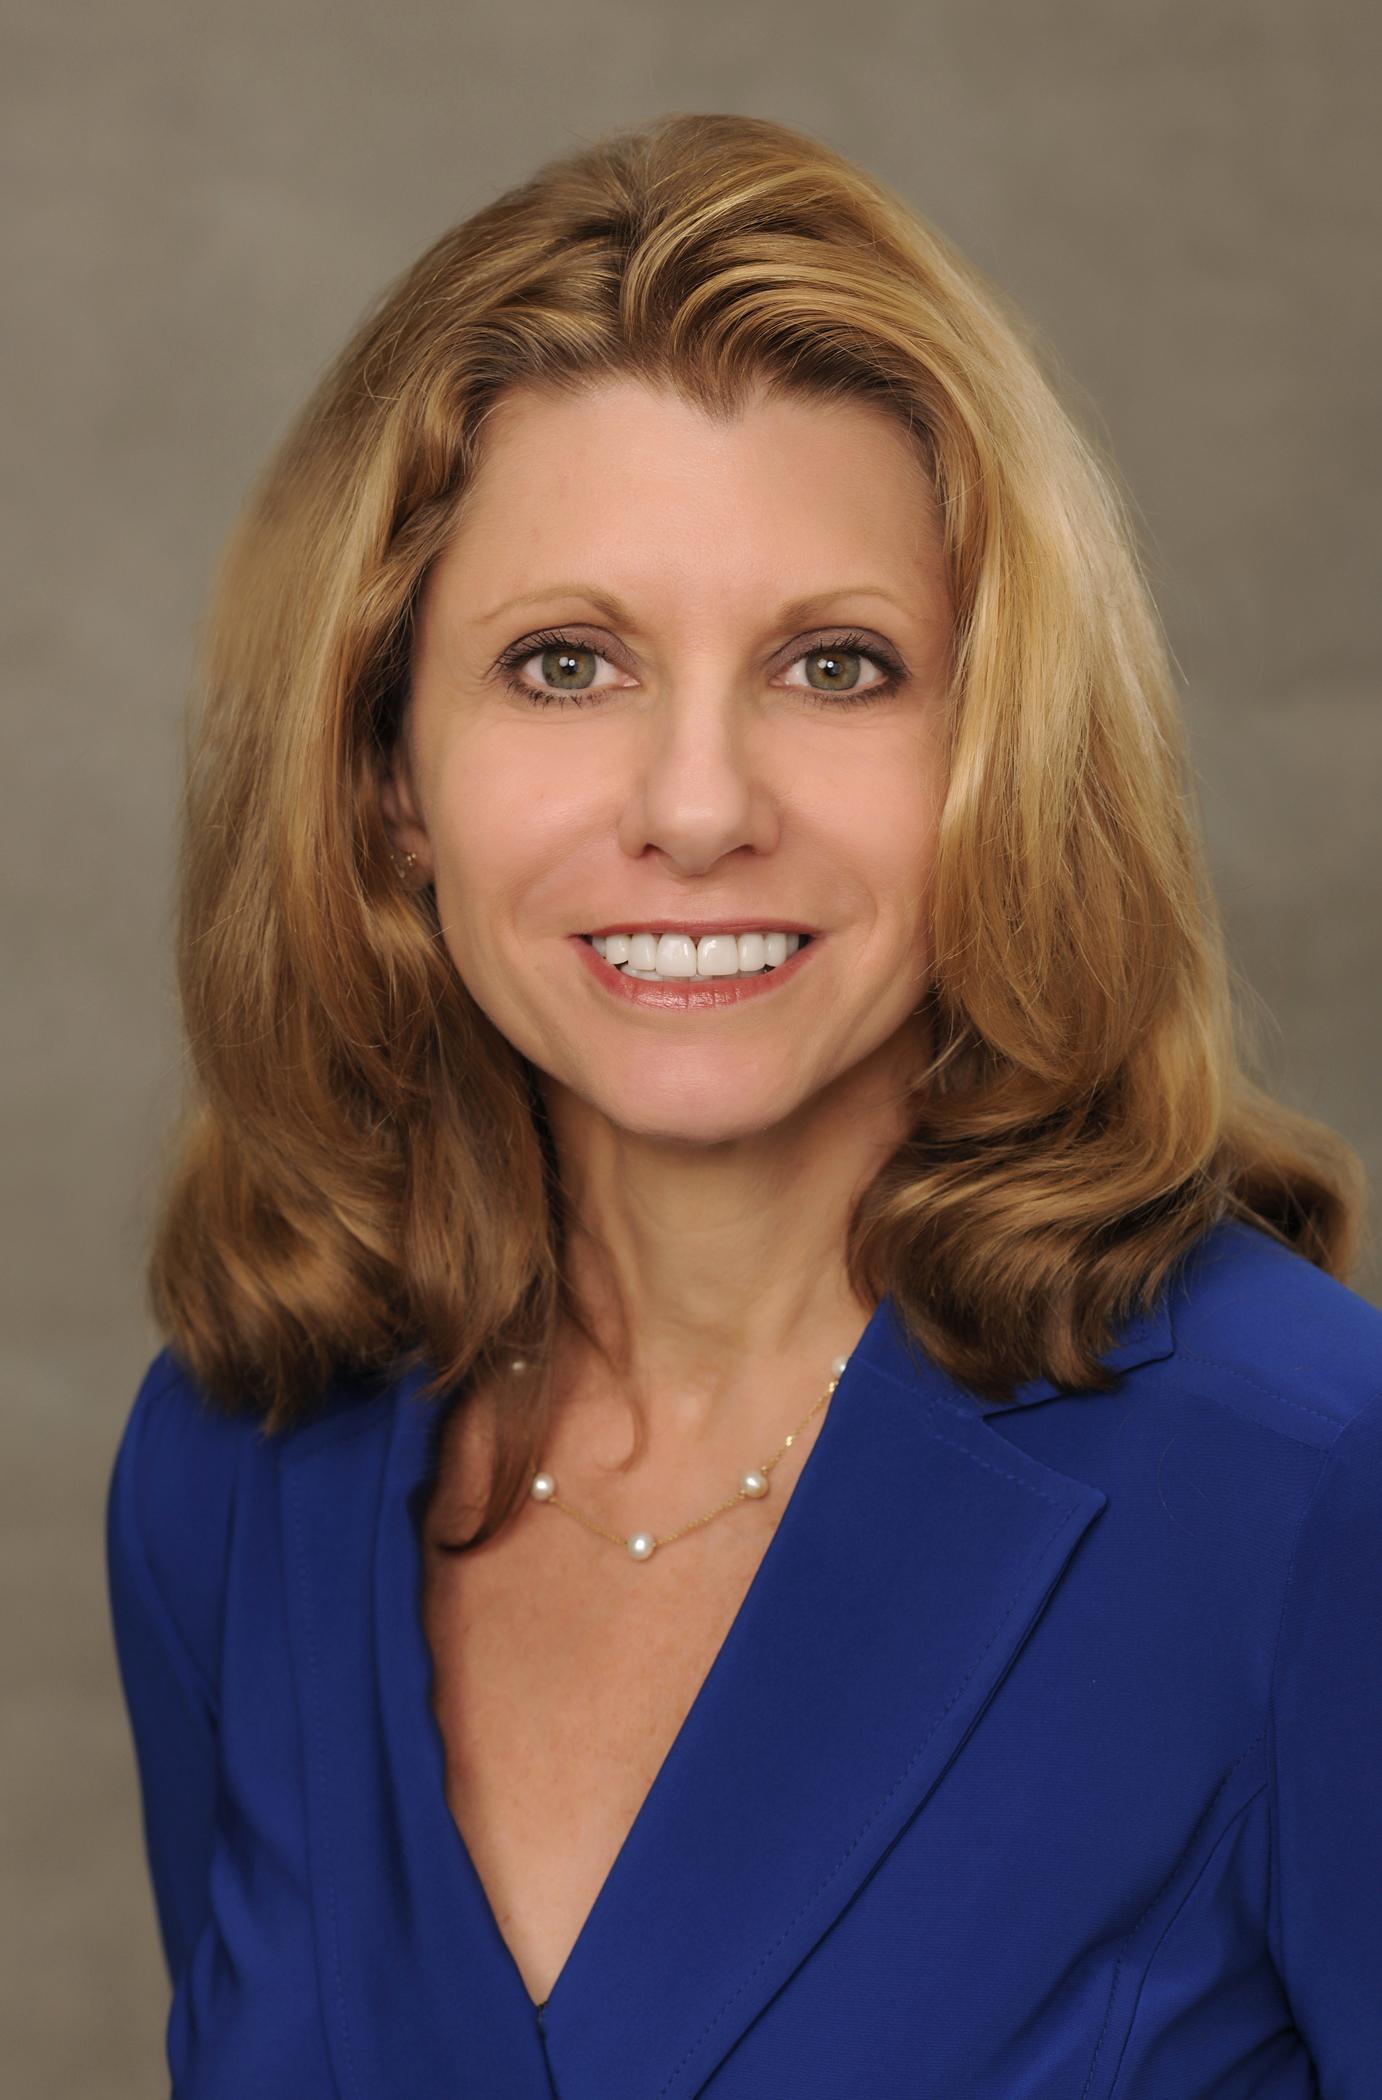 Annette Malave